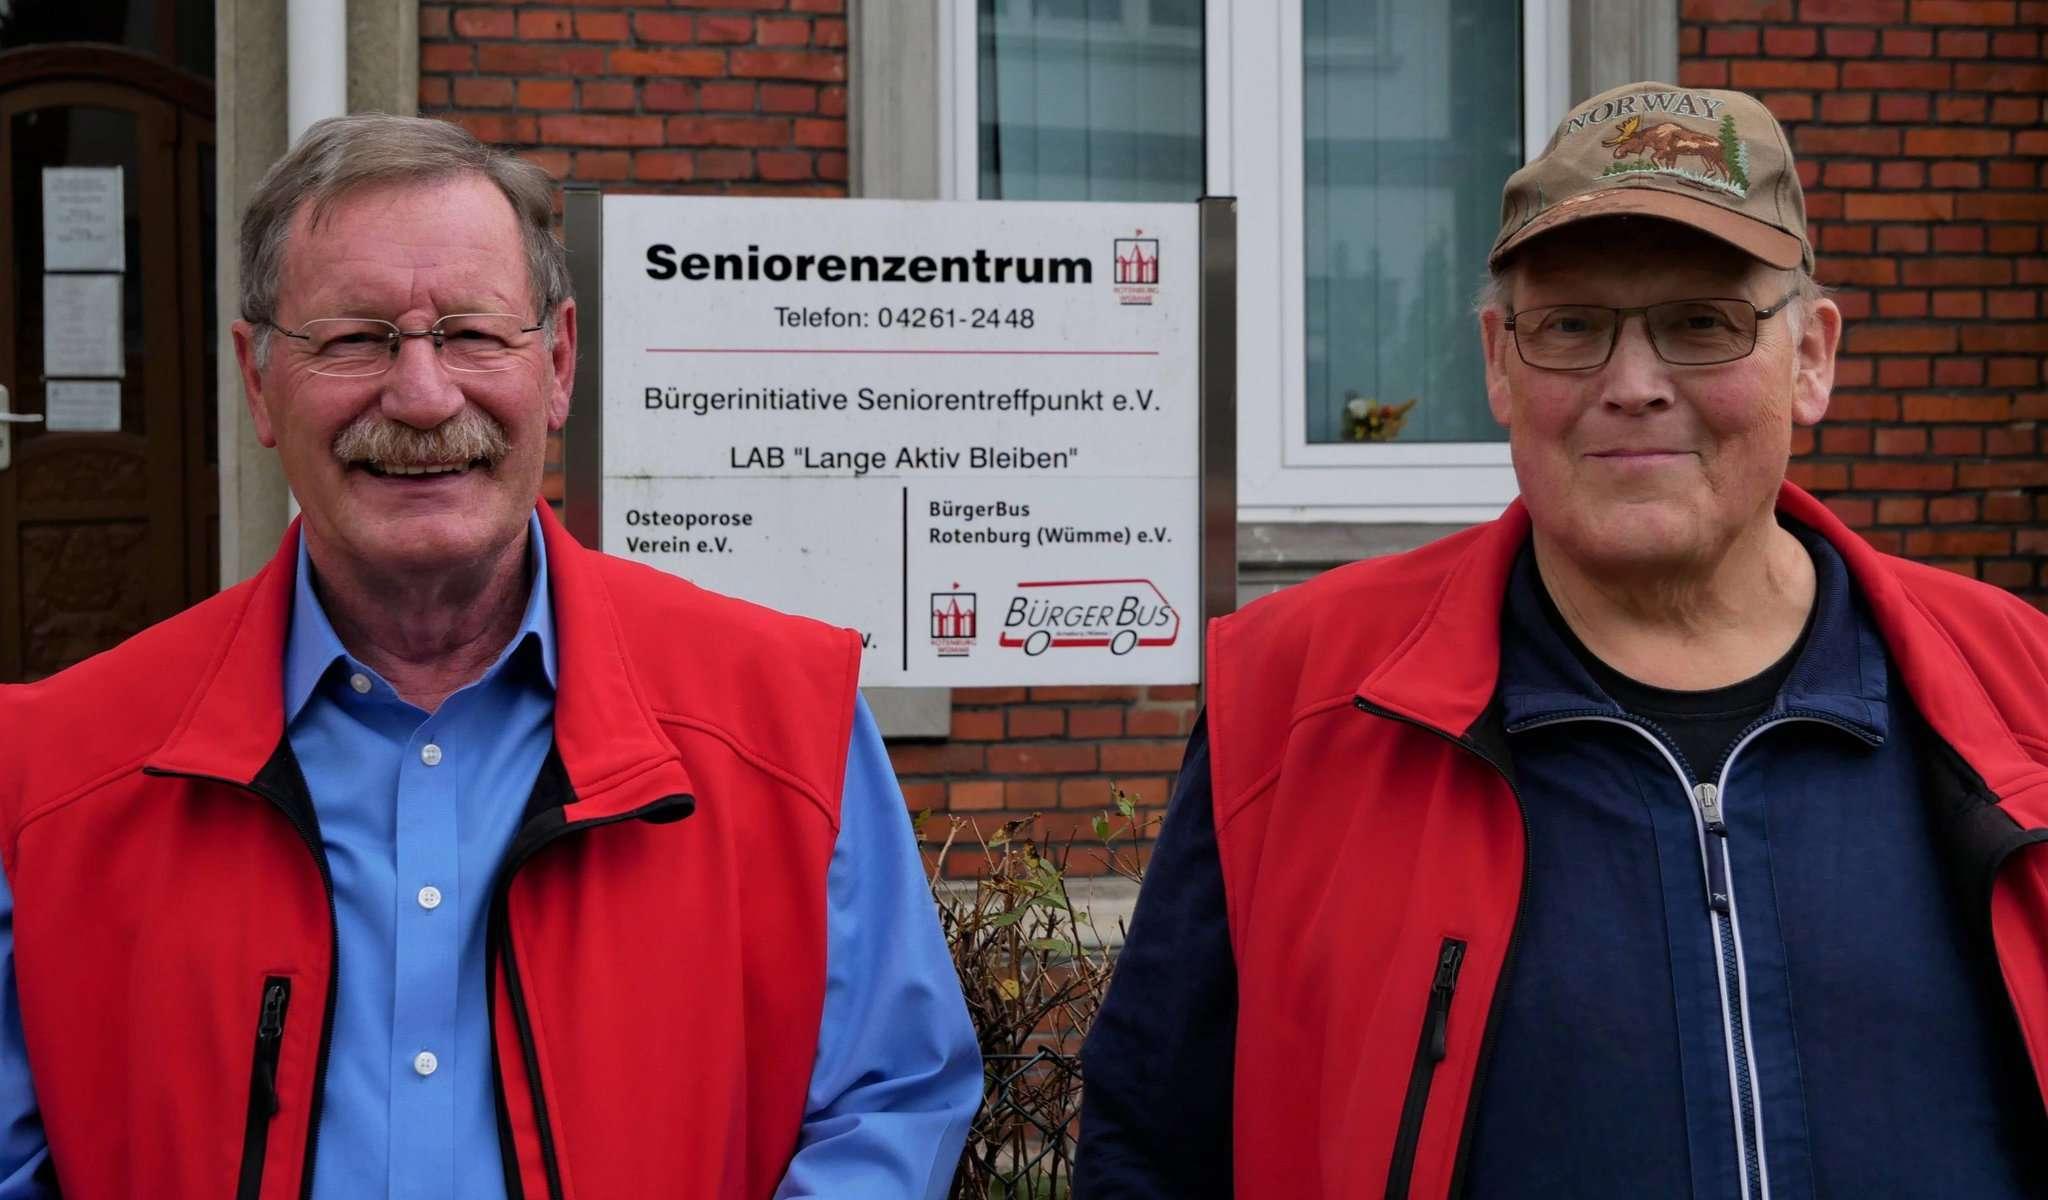 Ein eingespieltes Duo: Bernhard Franz (rechts) und Karl Döhmer.